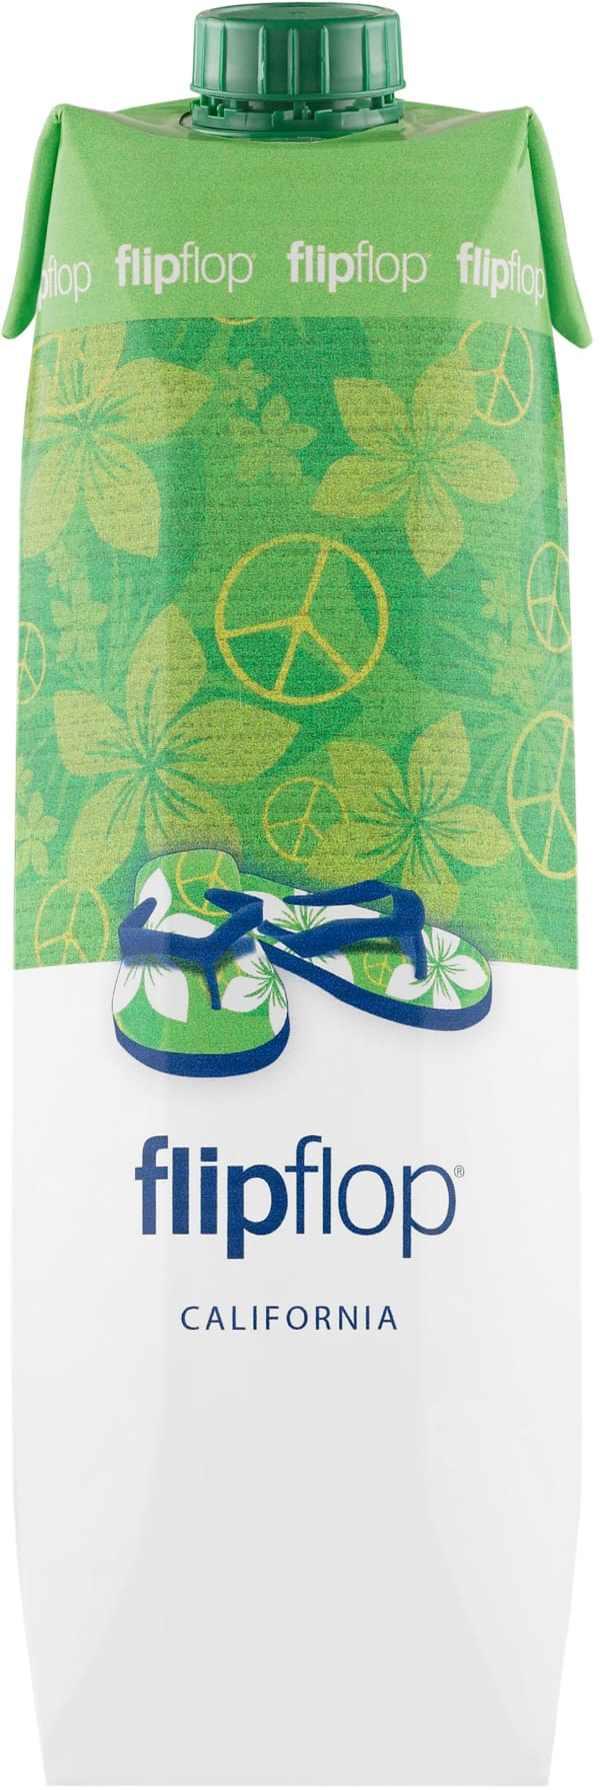 FlipFlop Californian White 2017 kartongförpackning